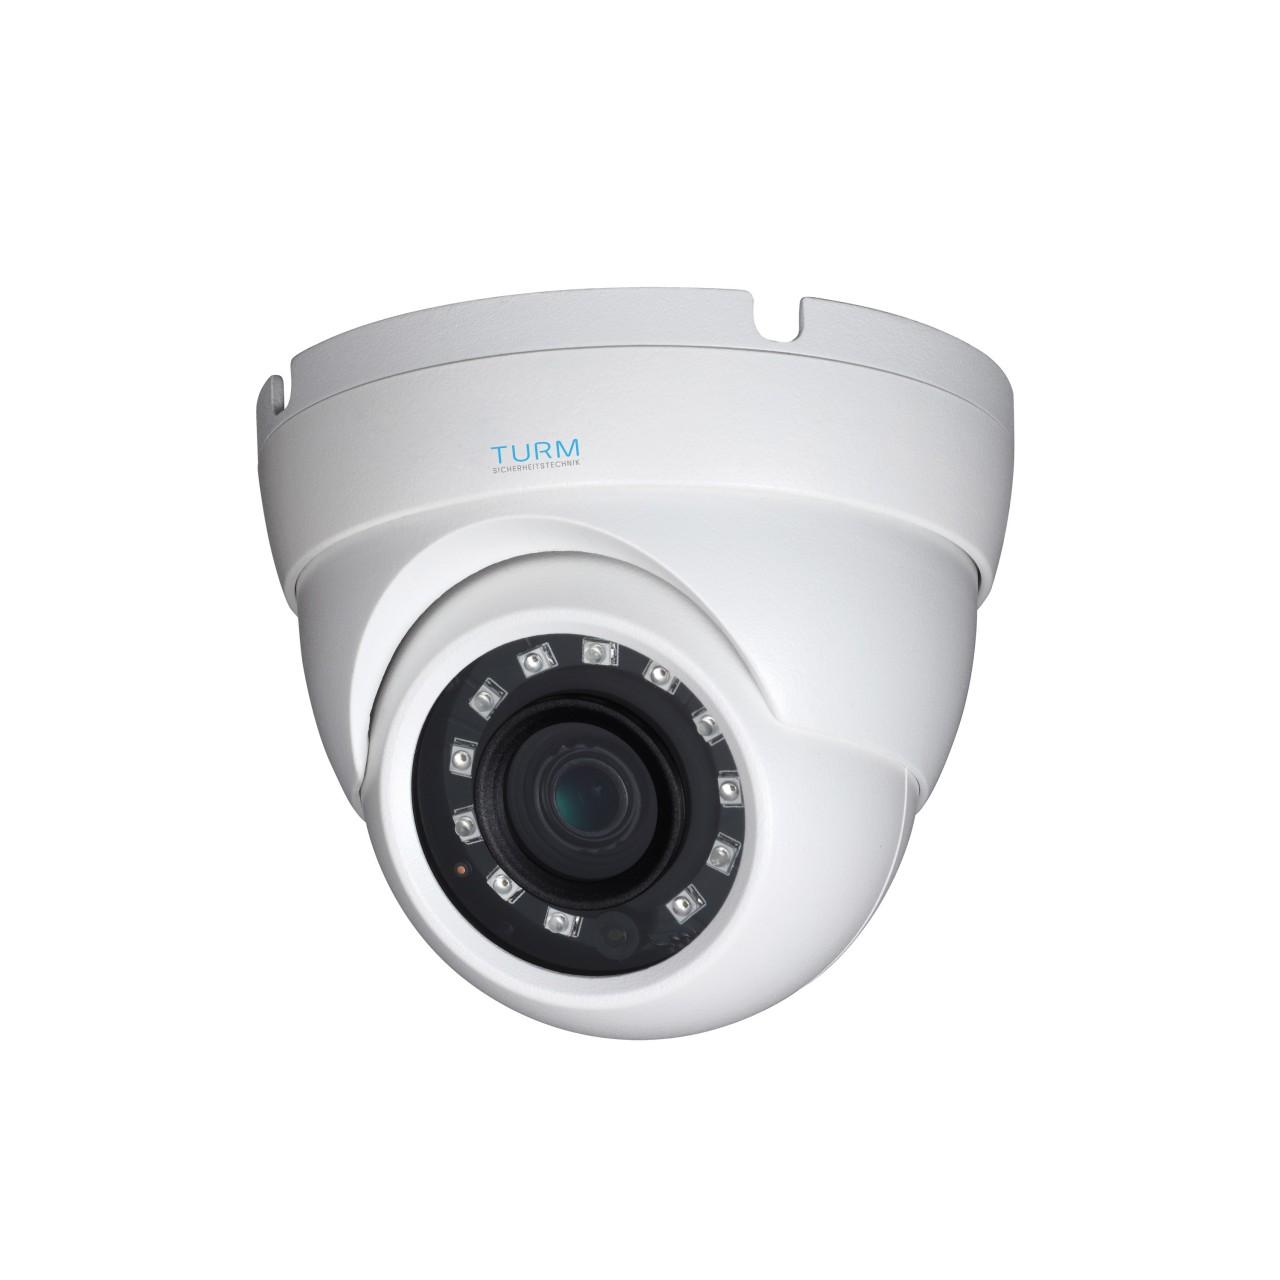 TURM HDCVI Lite 2 MP Dome Kamera mit 30m Nachtsicht, 2,8mm Objektiv mit 103° Weitwinkel